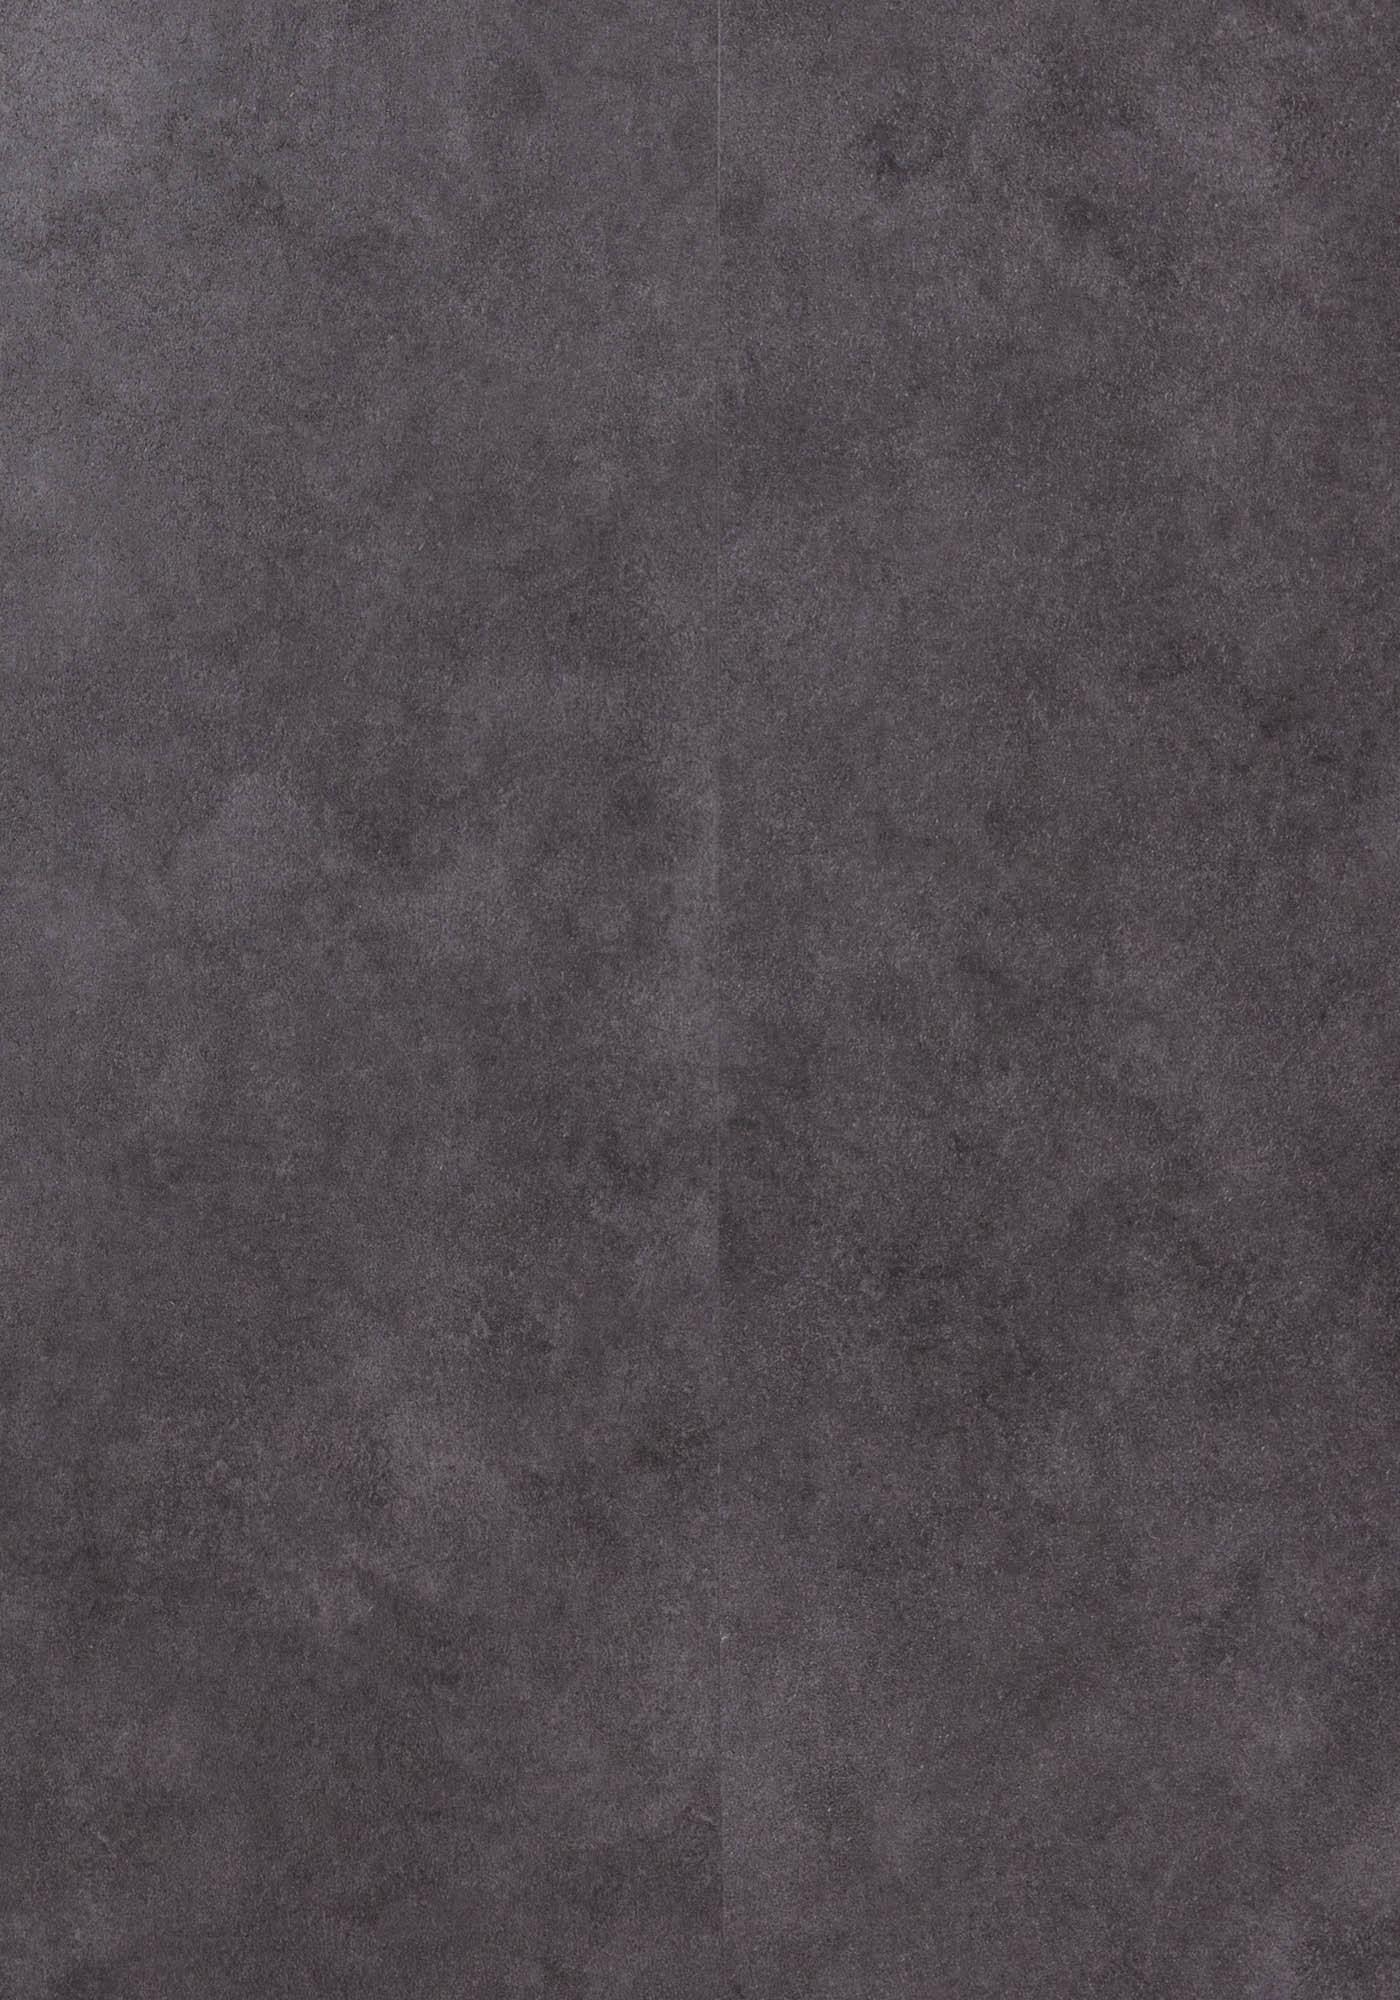 Dalles En Pvc Clipsables Ocean Coloris Béton Anthracite